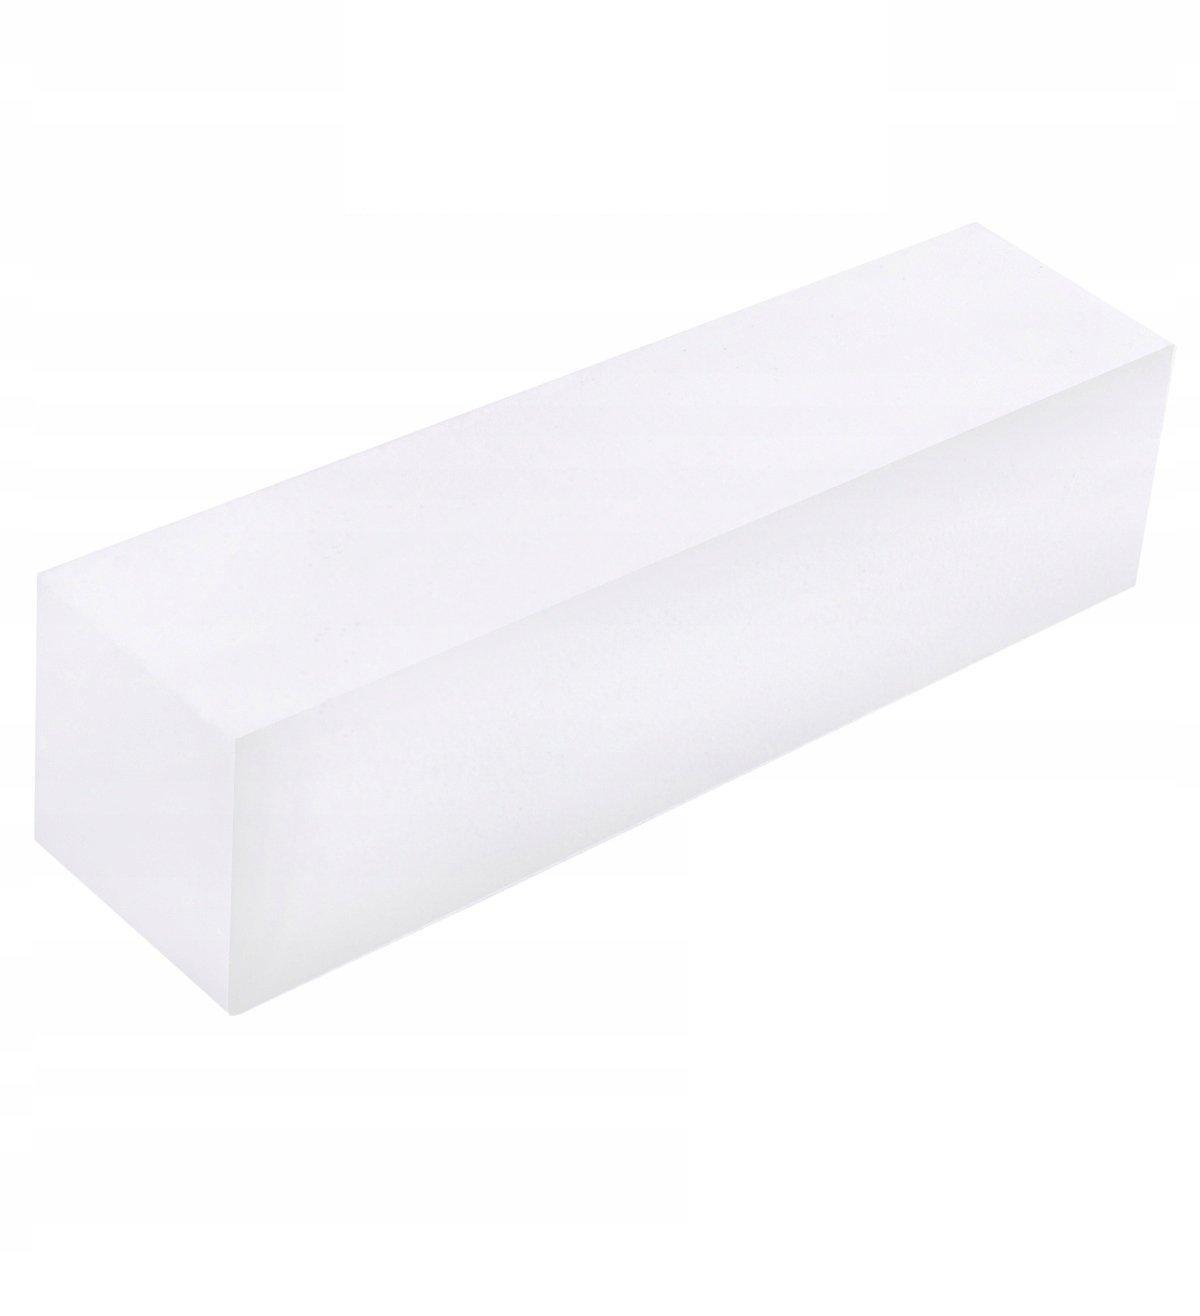 Beautylushh 8890 Leštička na nechty kváder štvoruholníka biela 10 ks